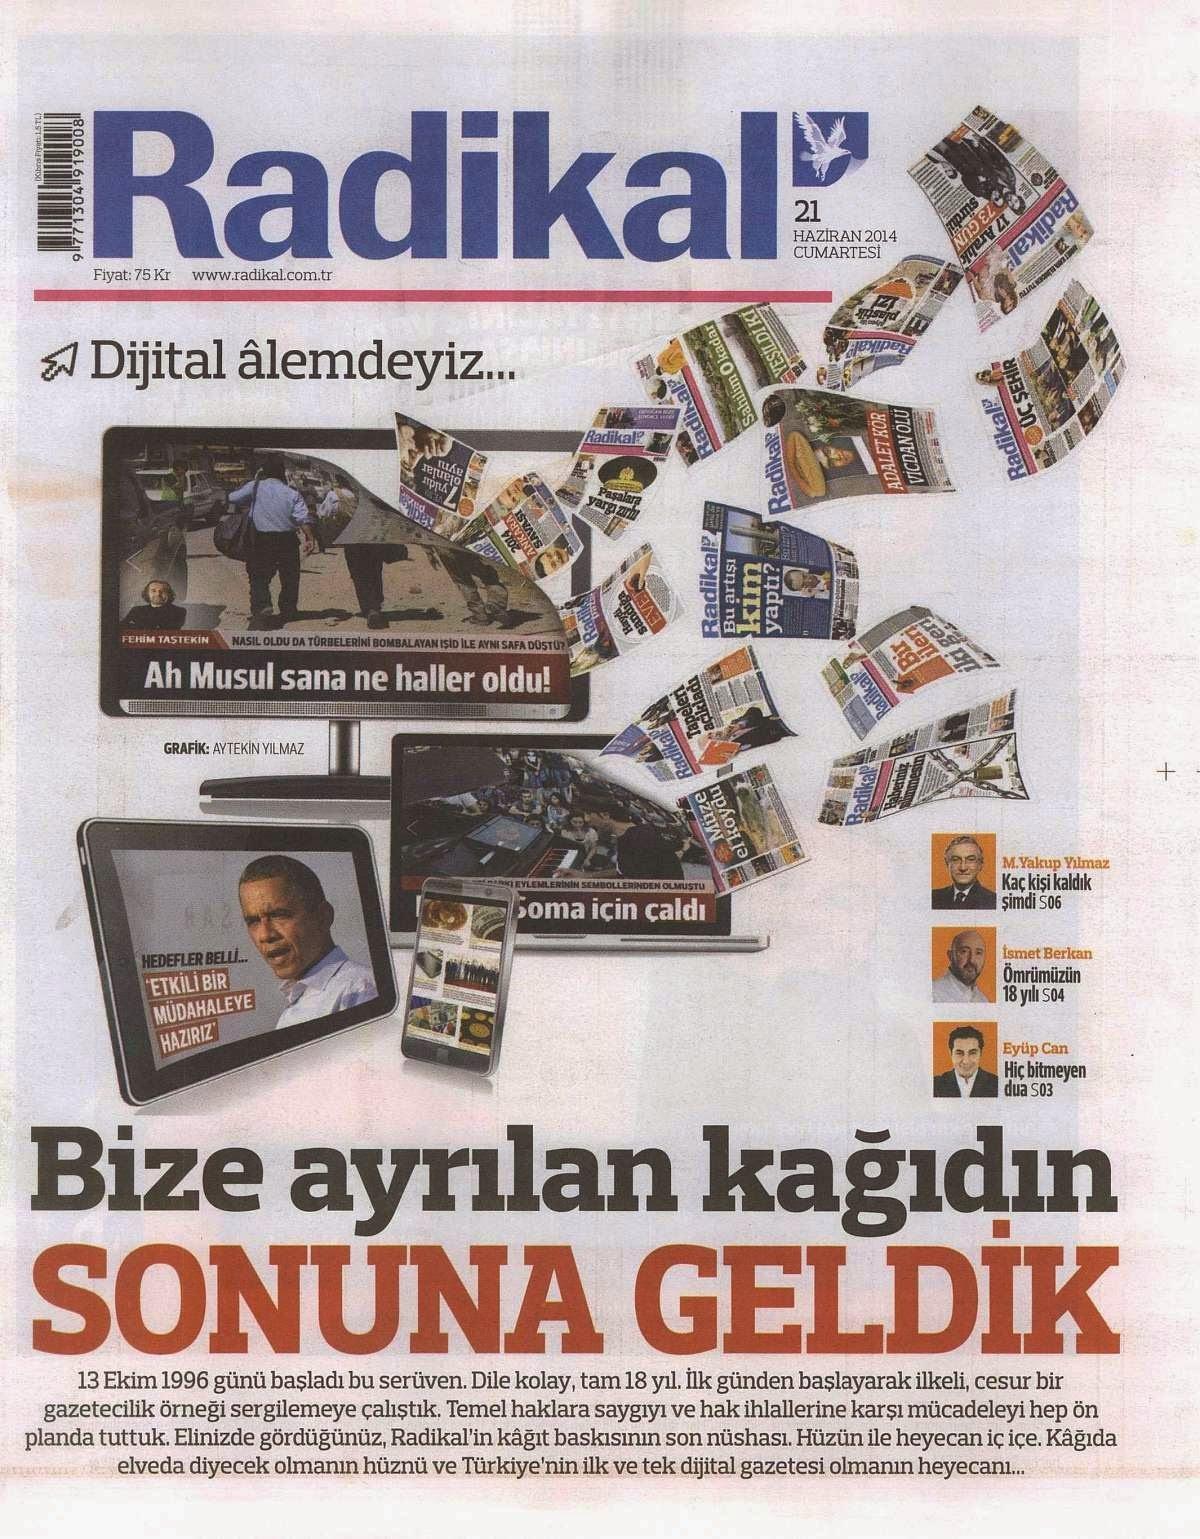 21 Haziran 2014'te yayın hayatına veda eden Radikal'in son sayısı.